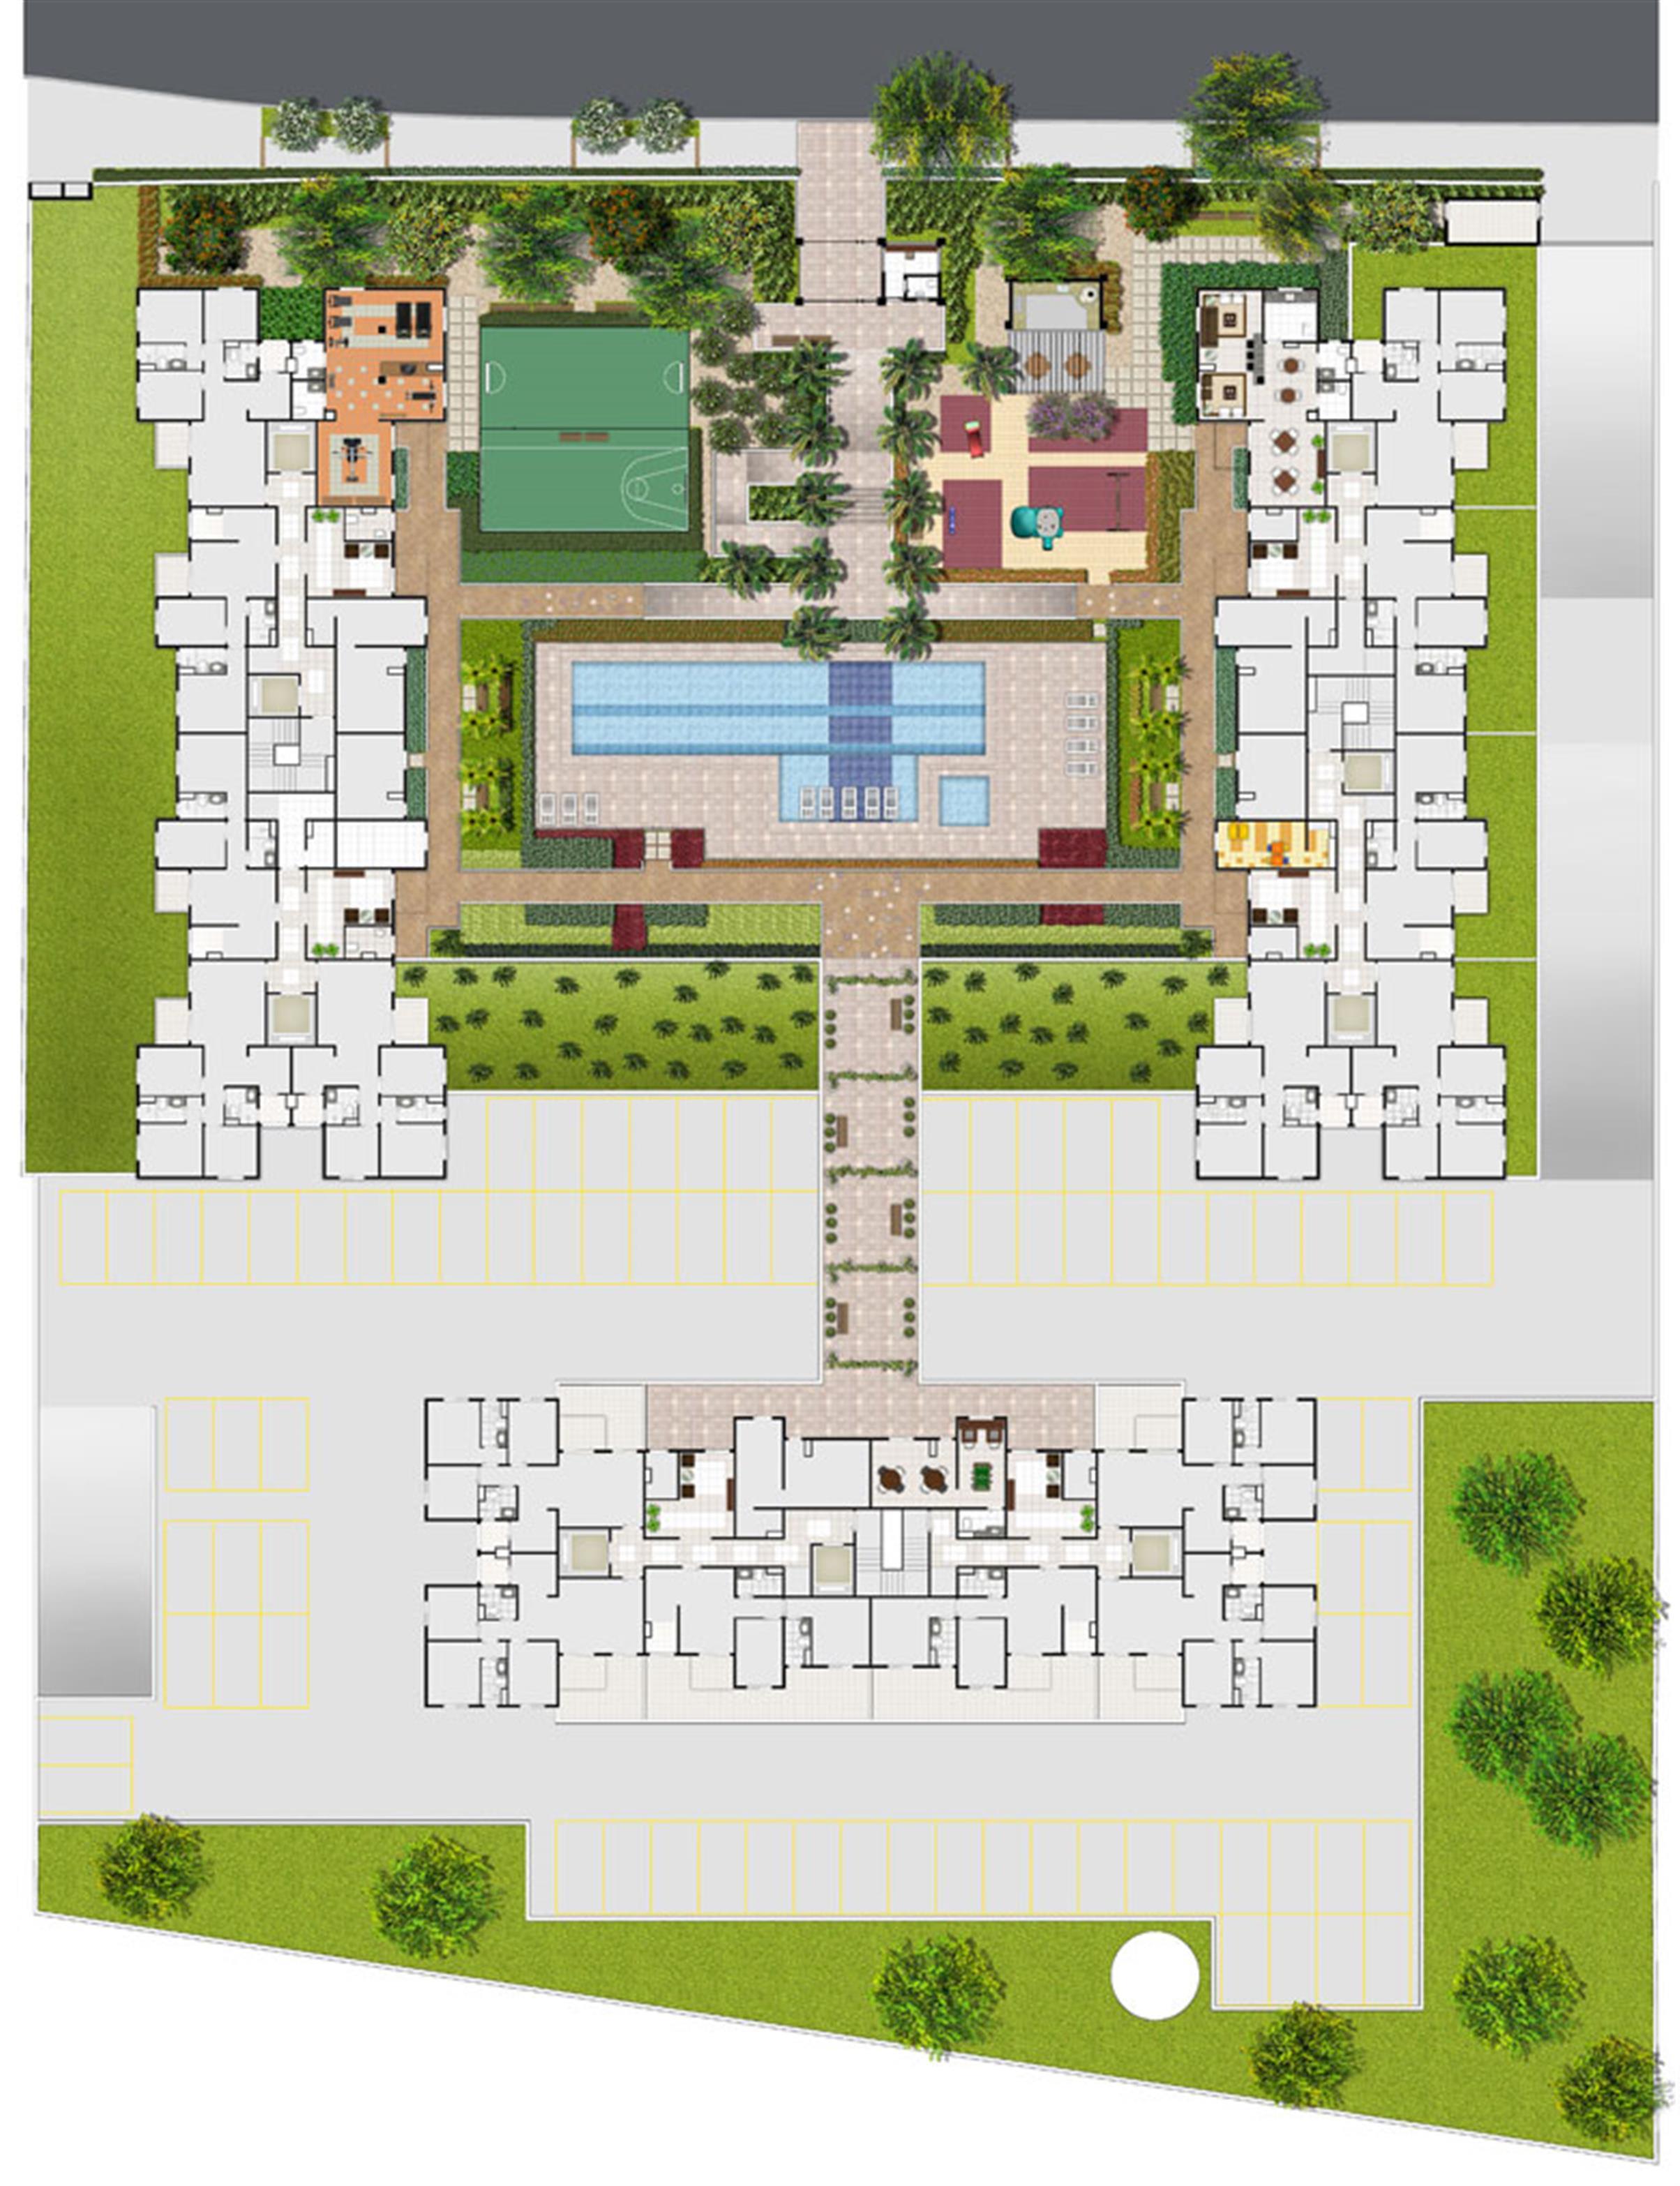 Planta:  | Fatto Club Diadema - Apartamento no Jardim Recanto - Diadema São Paulo